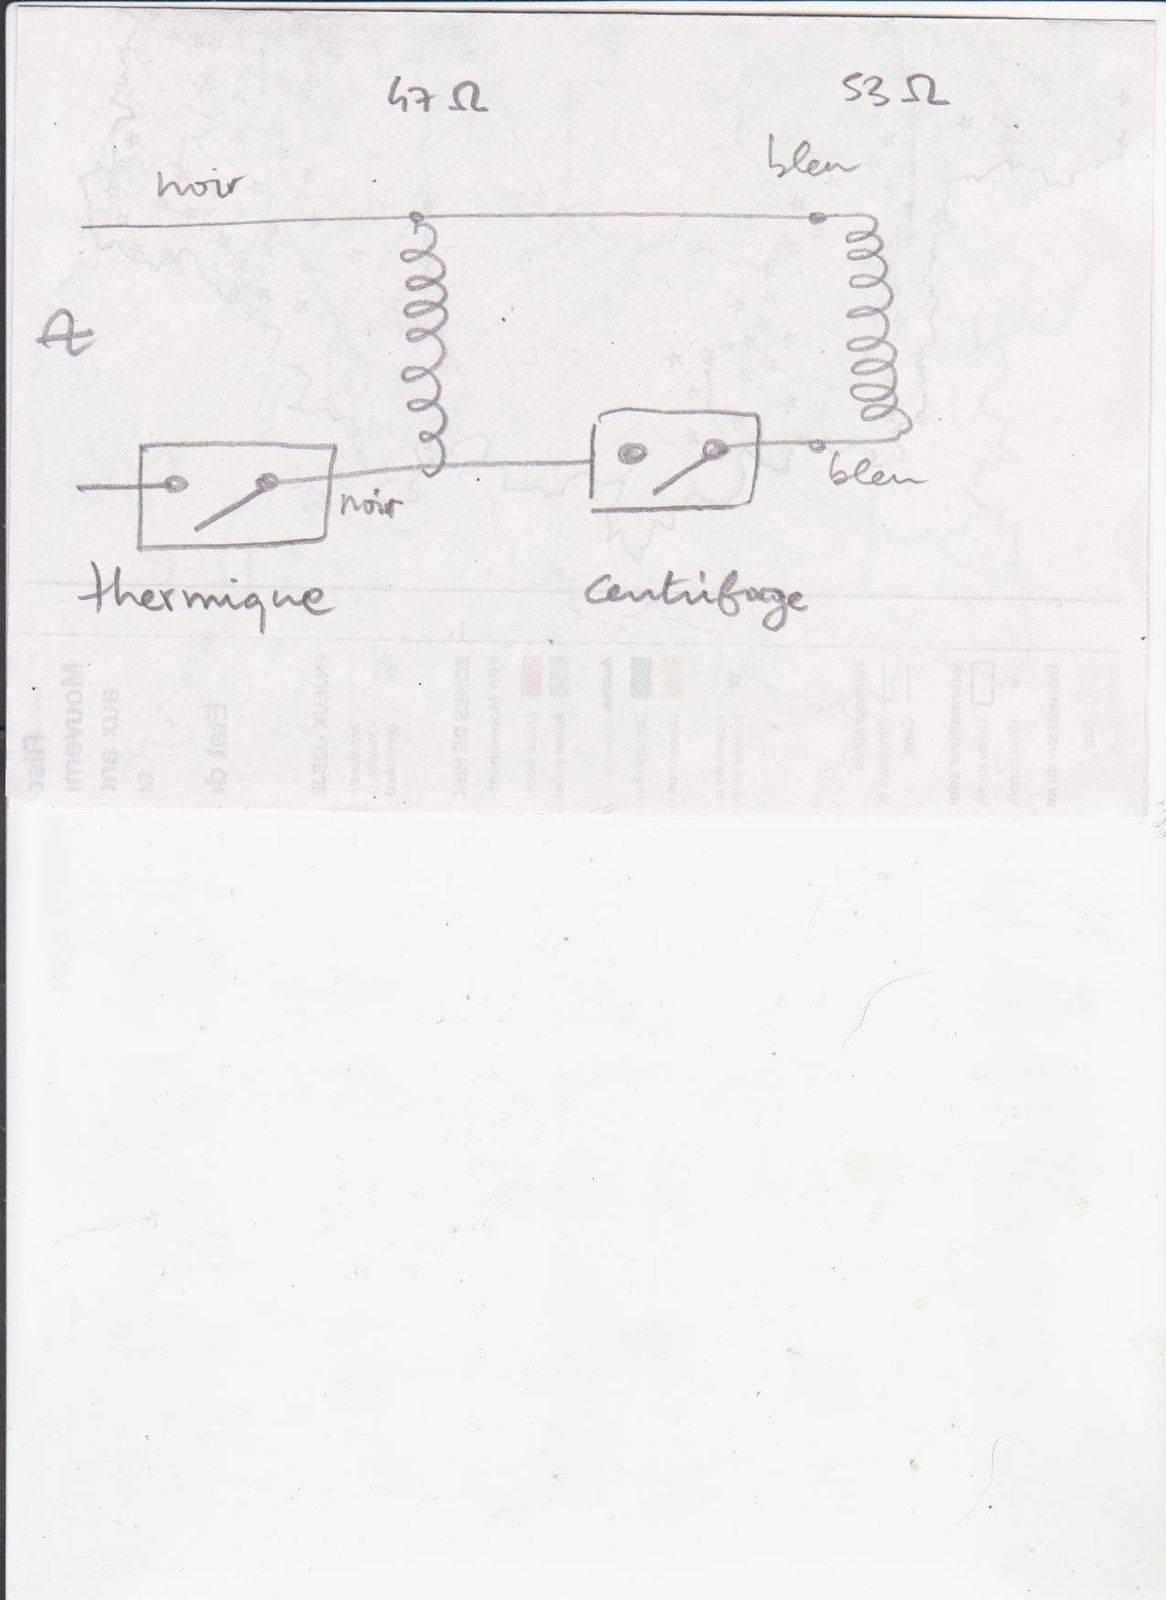 schéma cablage.jpg